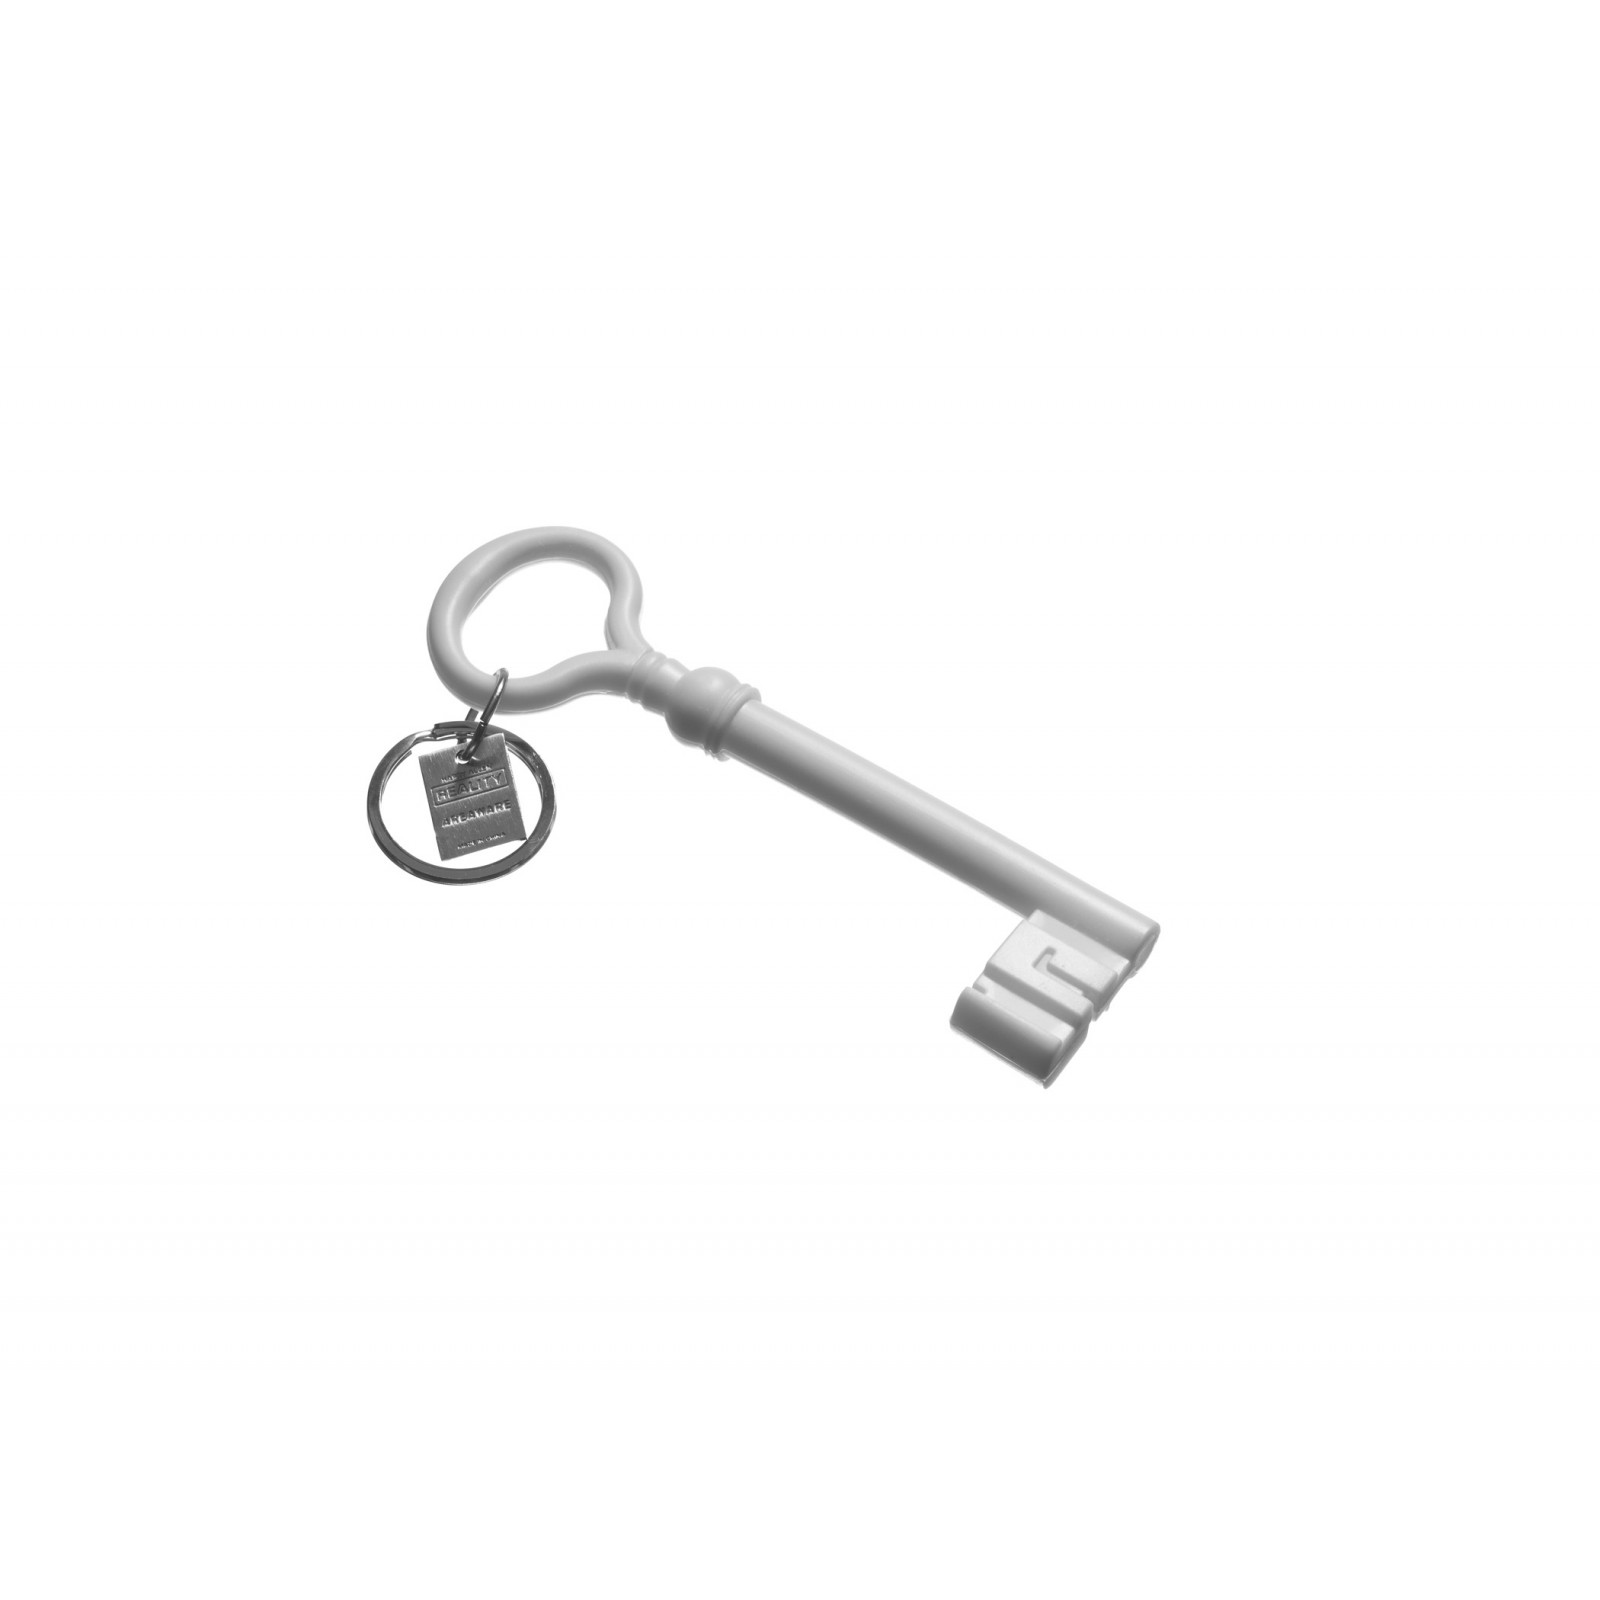 La cl de vos probl mes arne concept - Porte clef pour ne pas perdre ses clefs ...